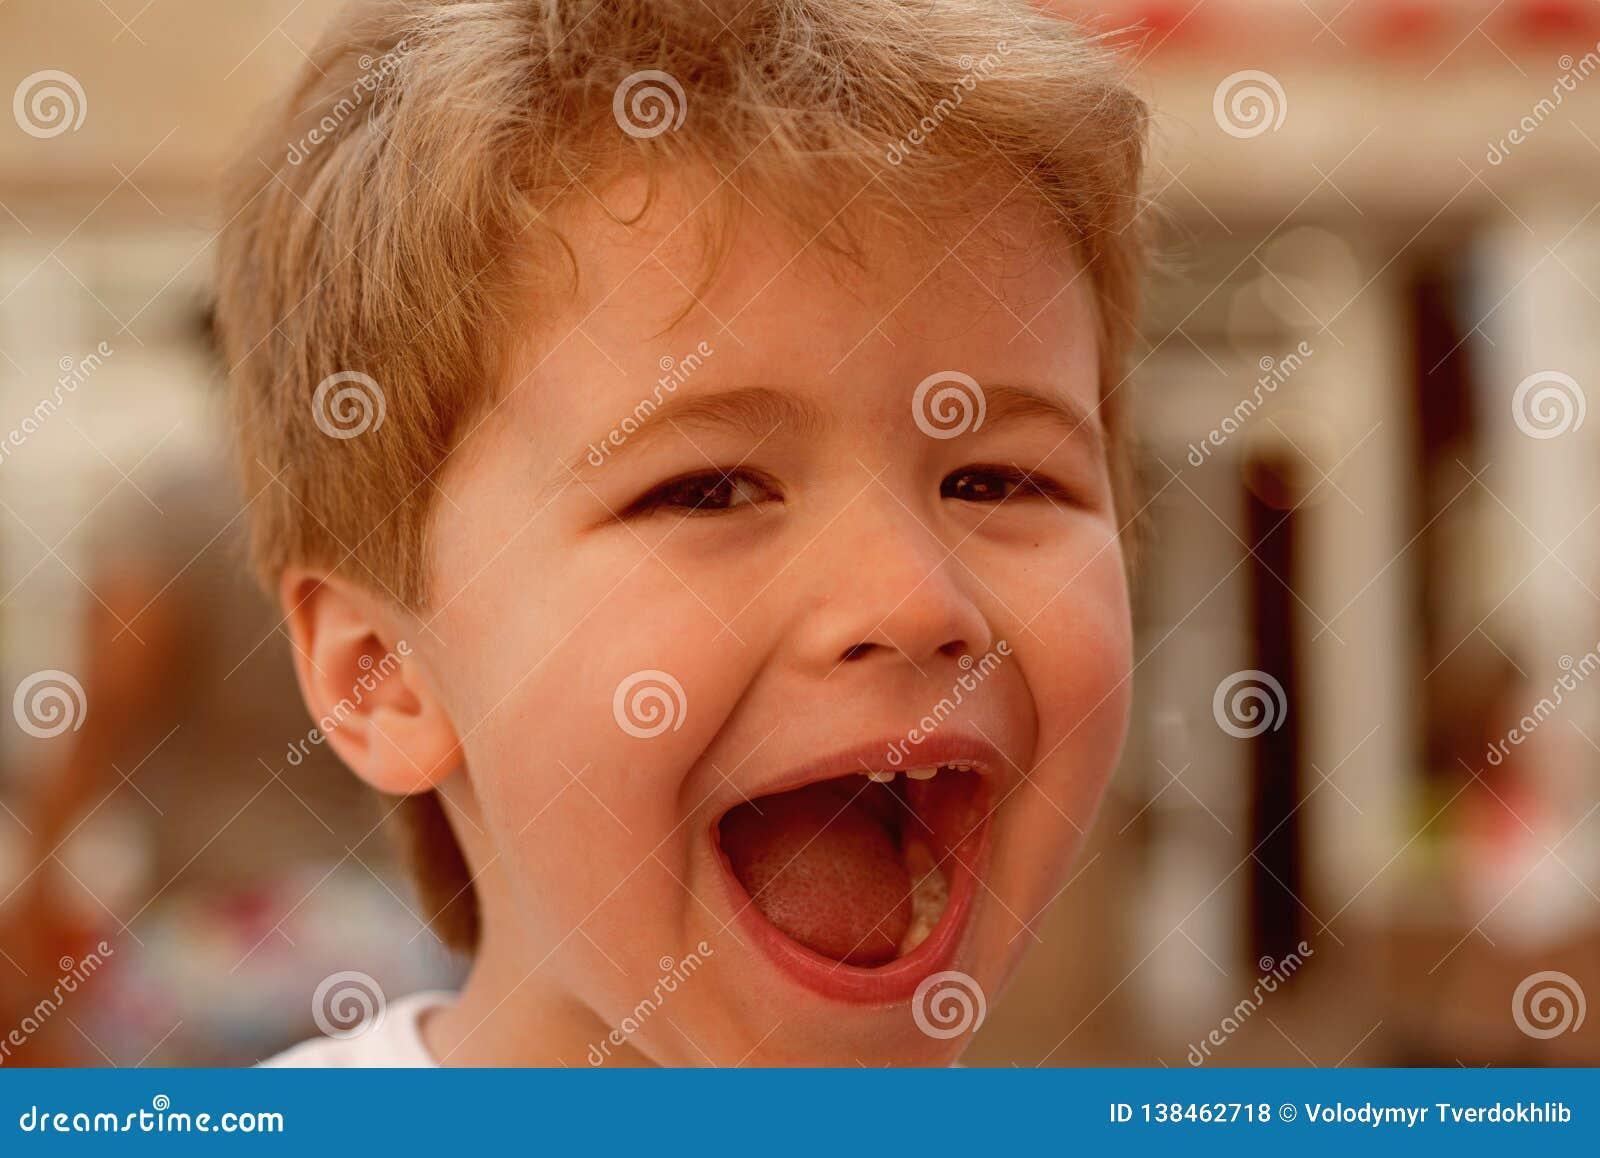 Ciò è stupefacente Piccolo bambino con taglio di capelli alla moda Piccolo bambino con breve taglio di capelli Bambino piccolo co